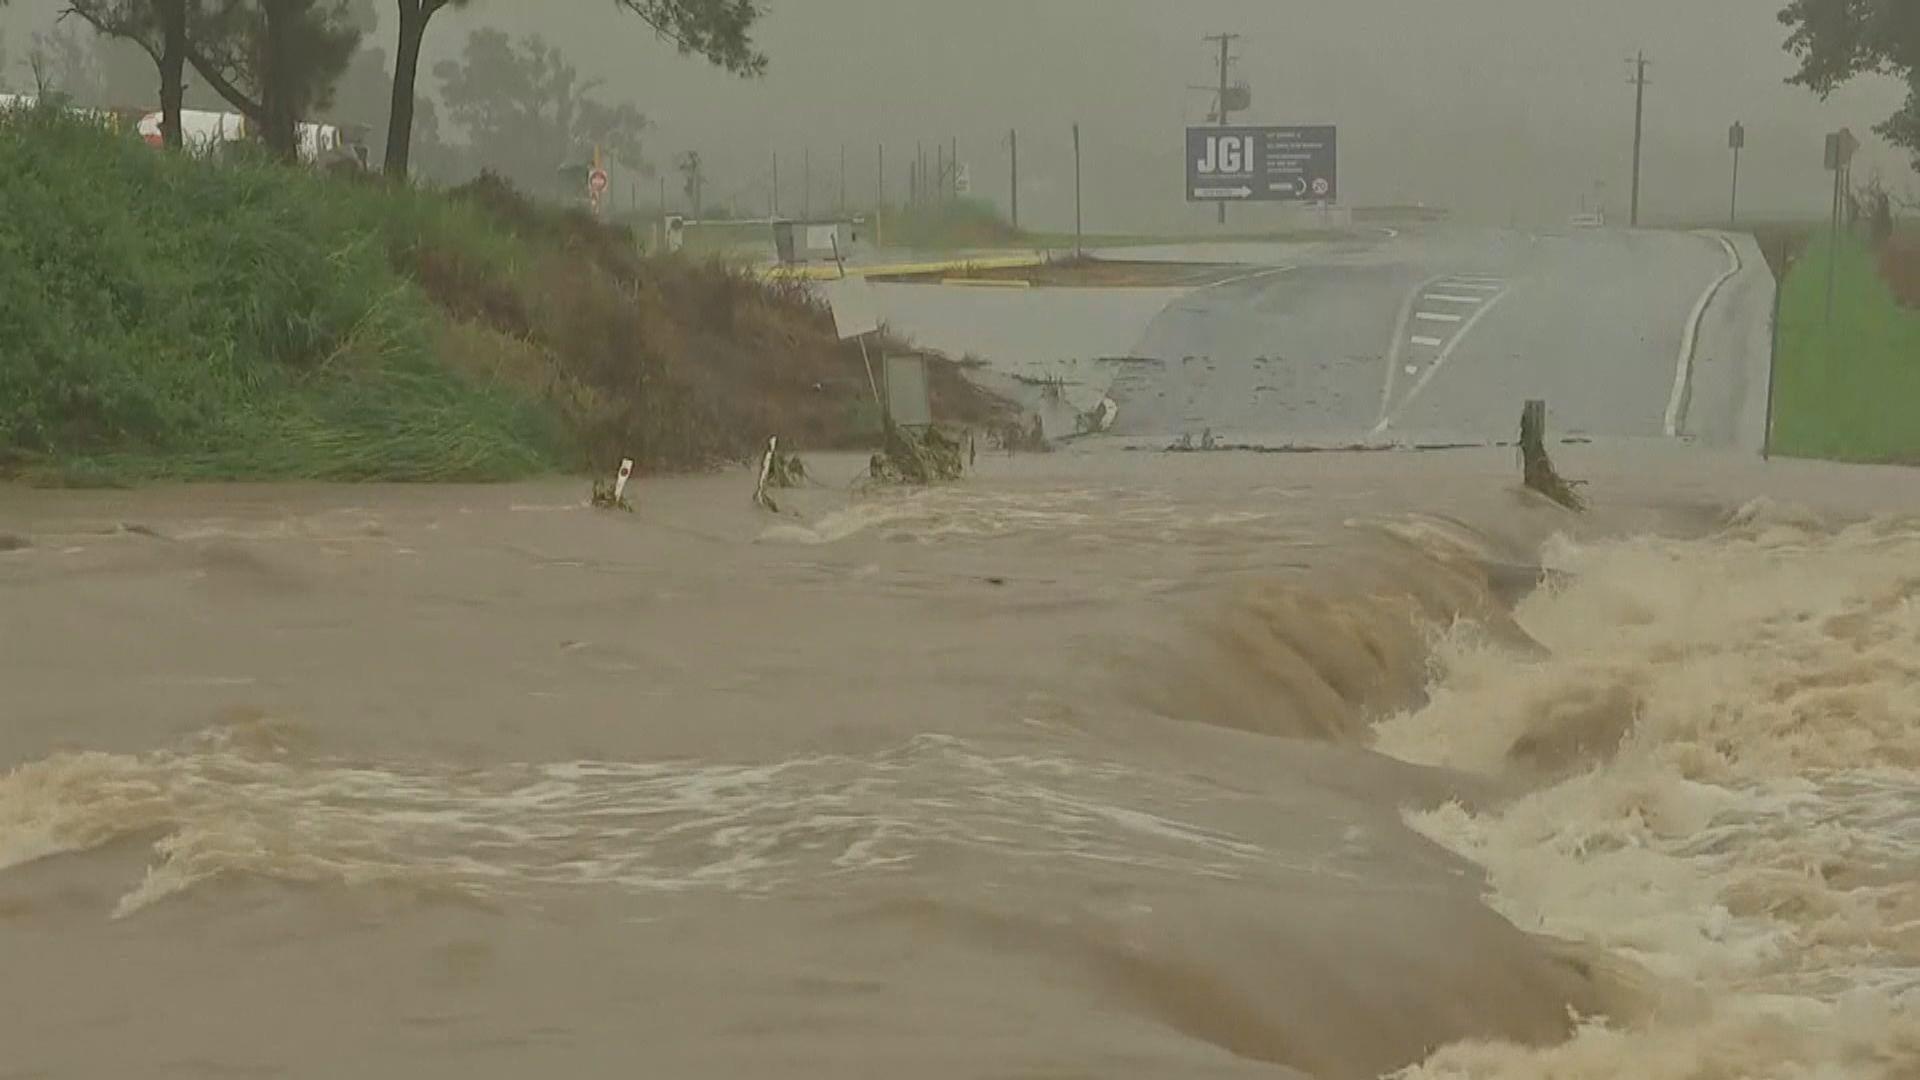 澳洲新南威爾士州水災持續 氣象部門料天氣最快周三好轉